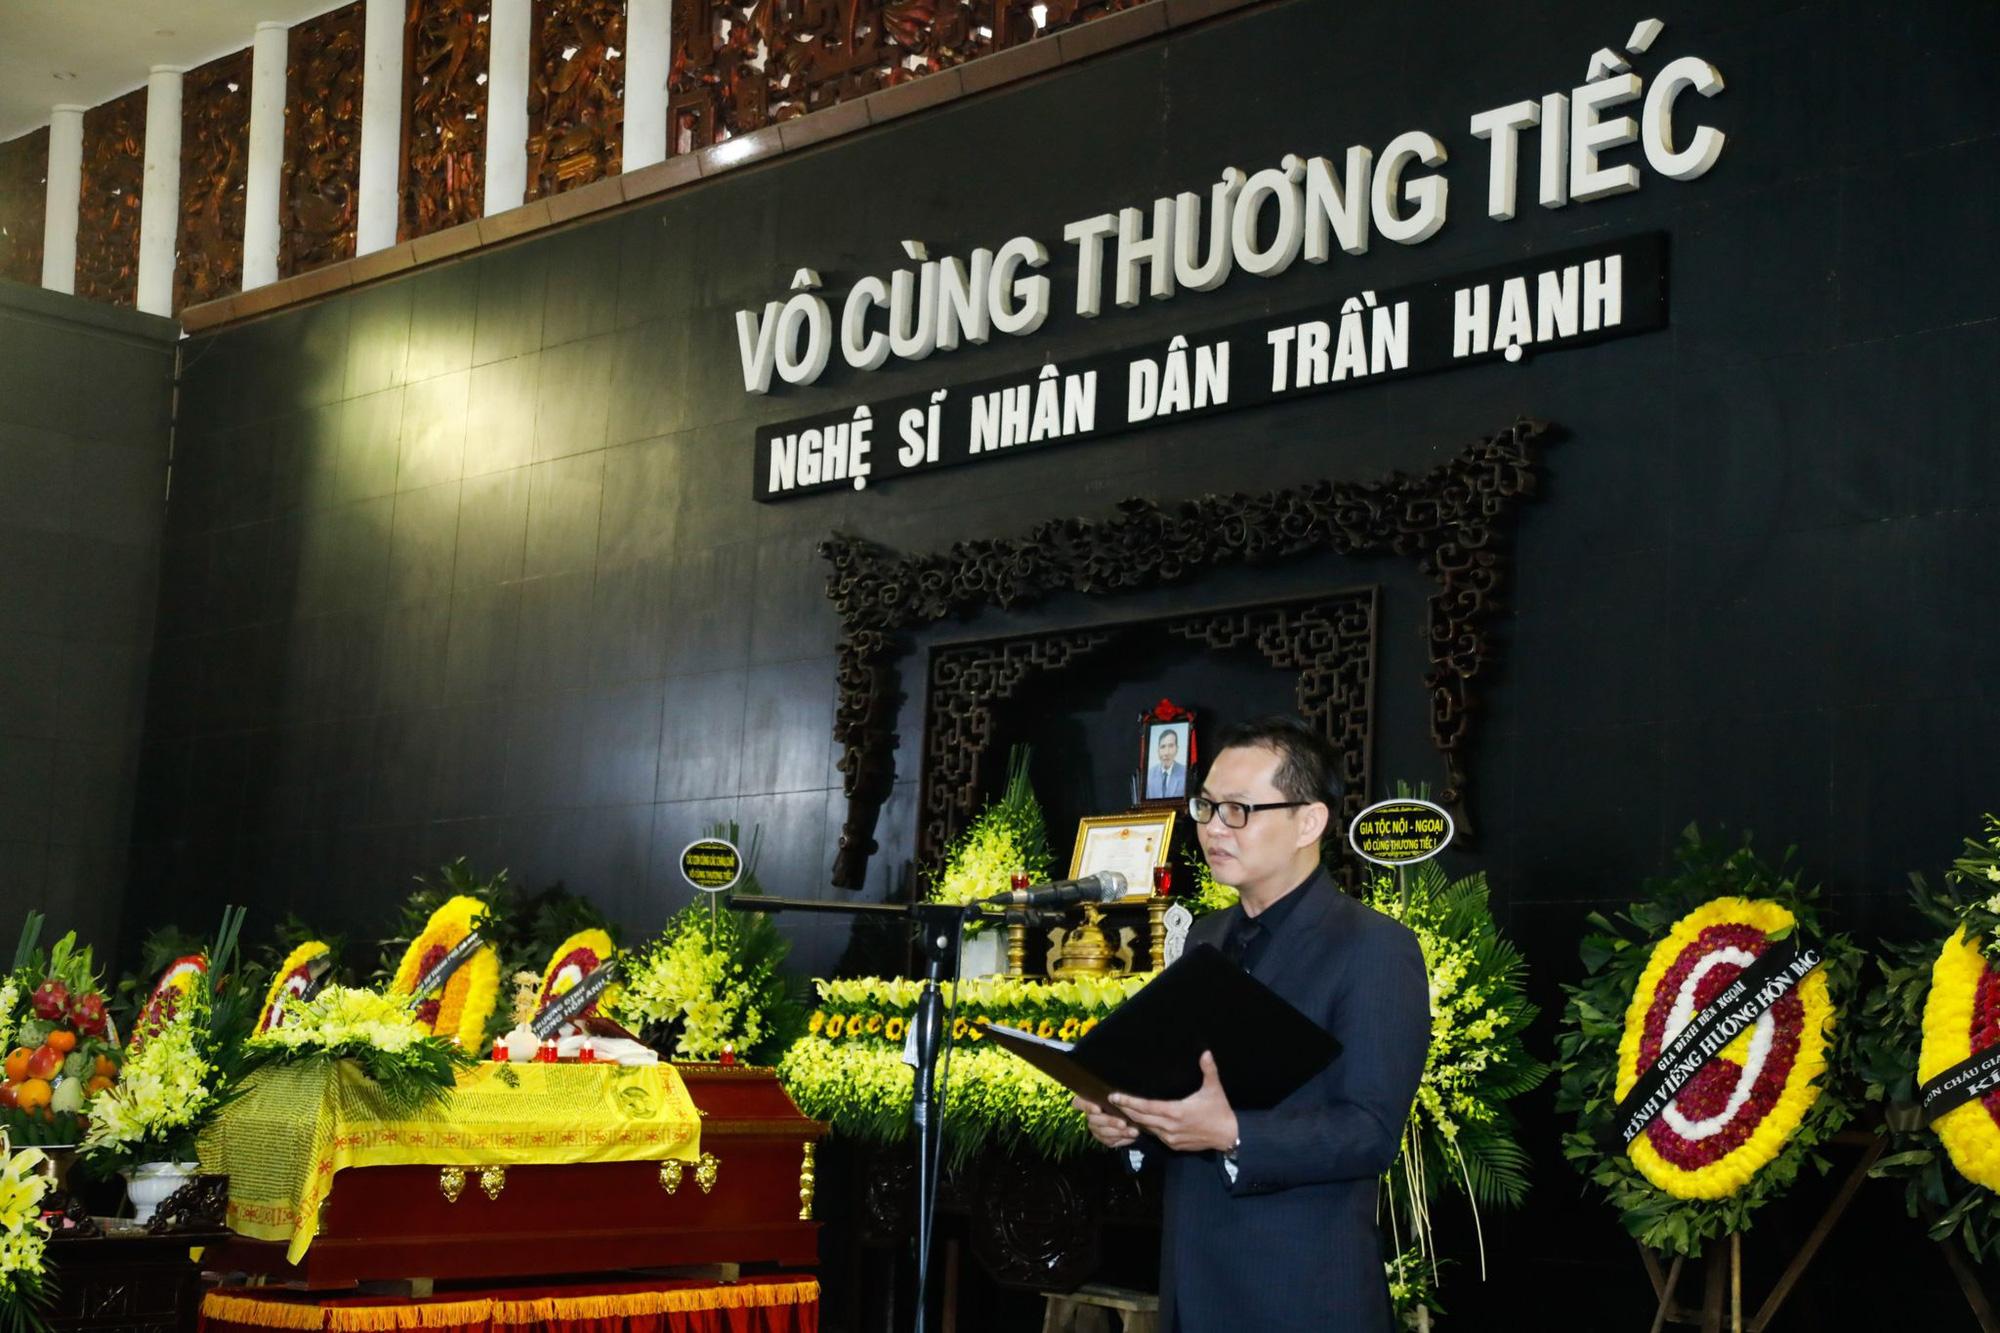 """NSND Trung Hiếu: """"NSND Trần Hạnh rất tự trọng, giản dị, khiêm nhường"""" - Ảnh 19."""